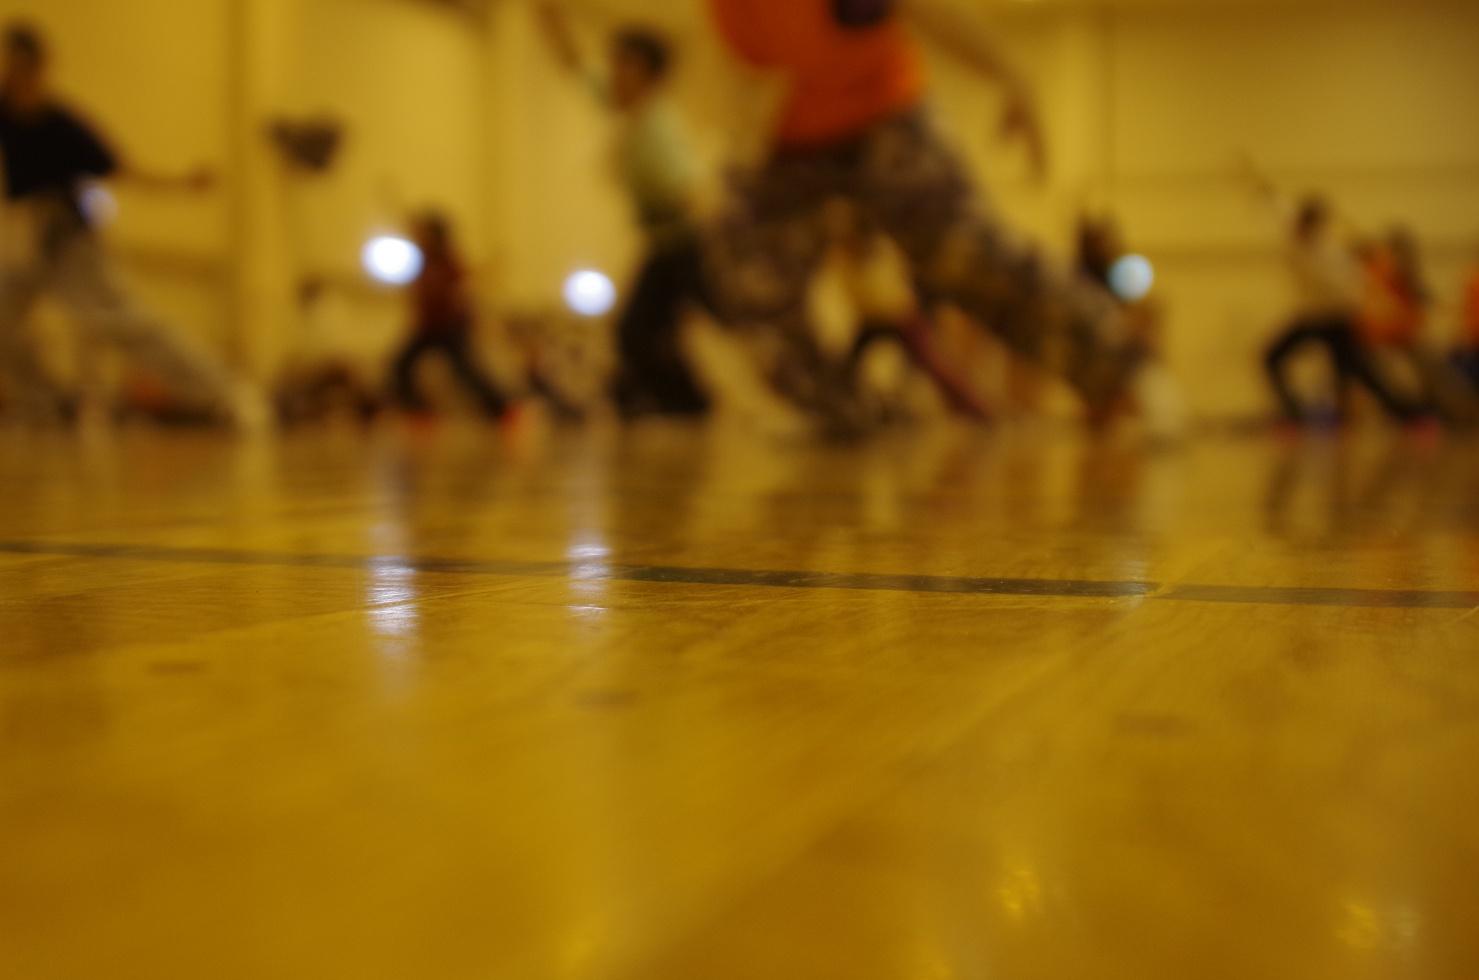 3月31日練習会場変更 踊り子募集締め切り日のご案内